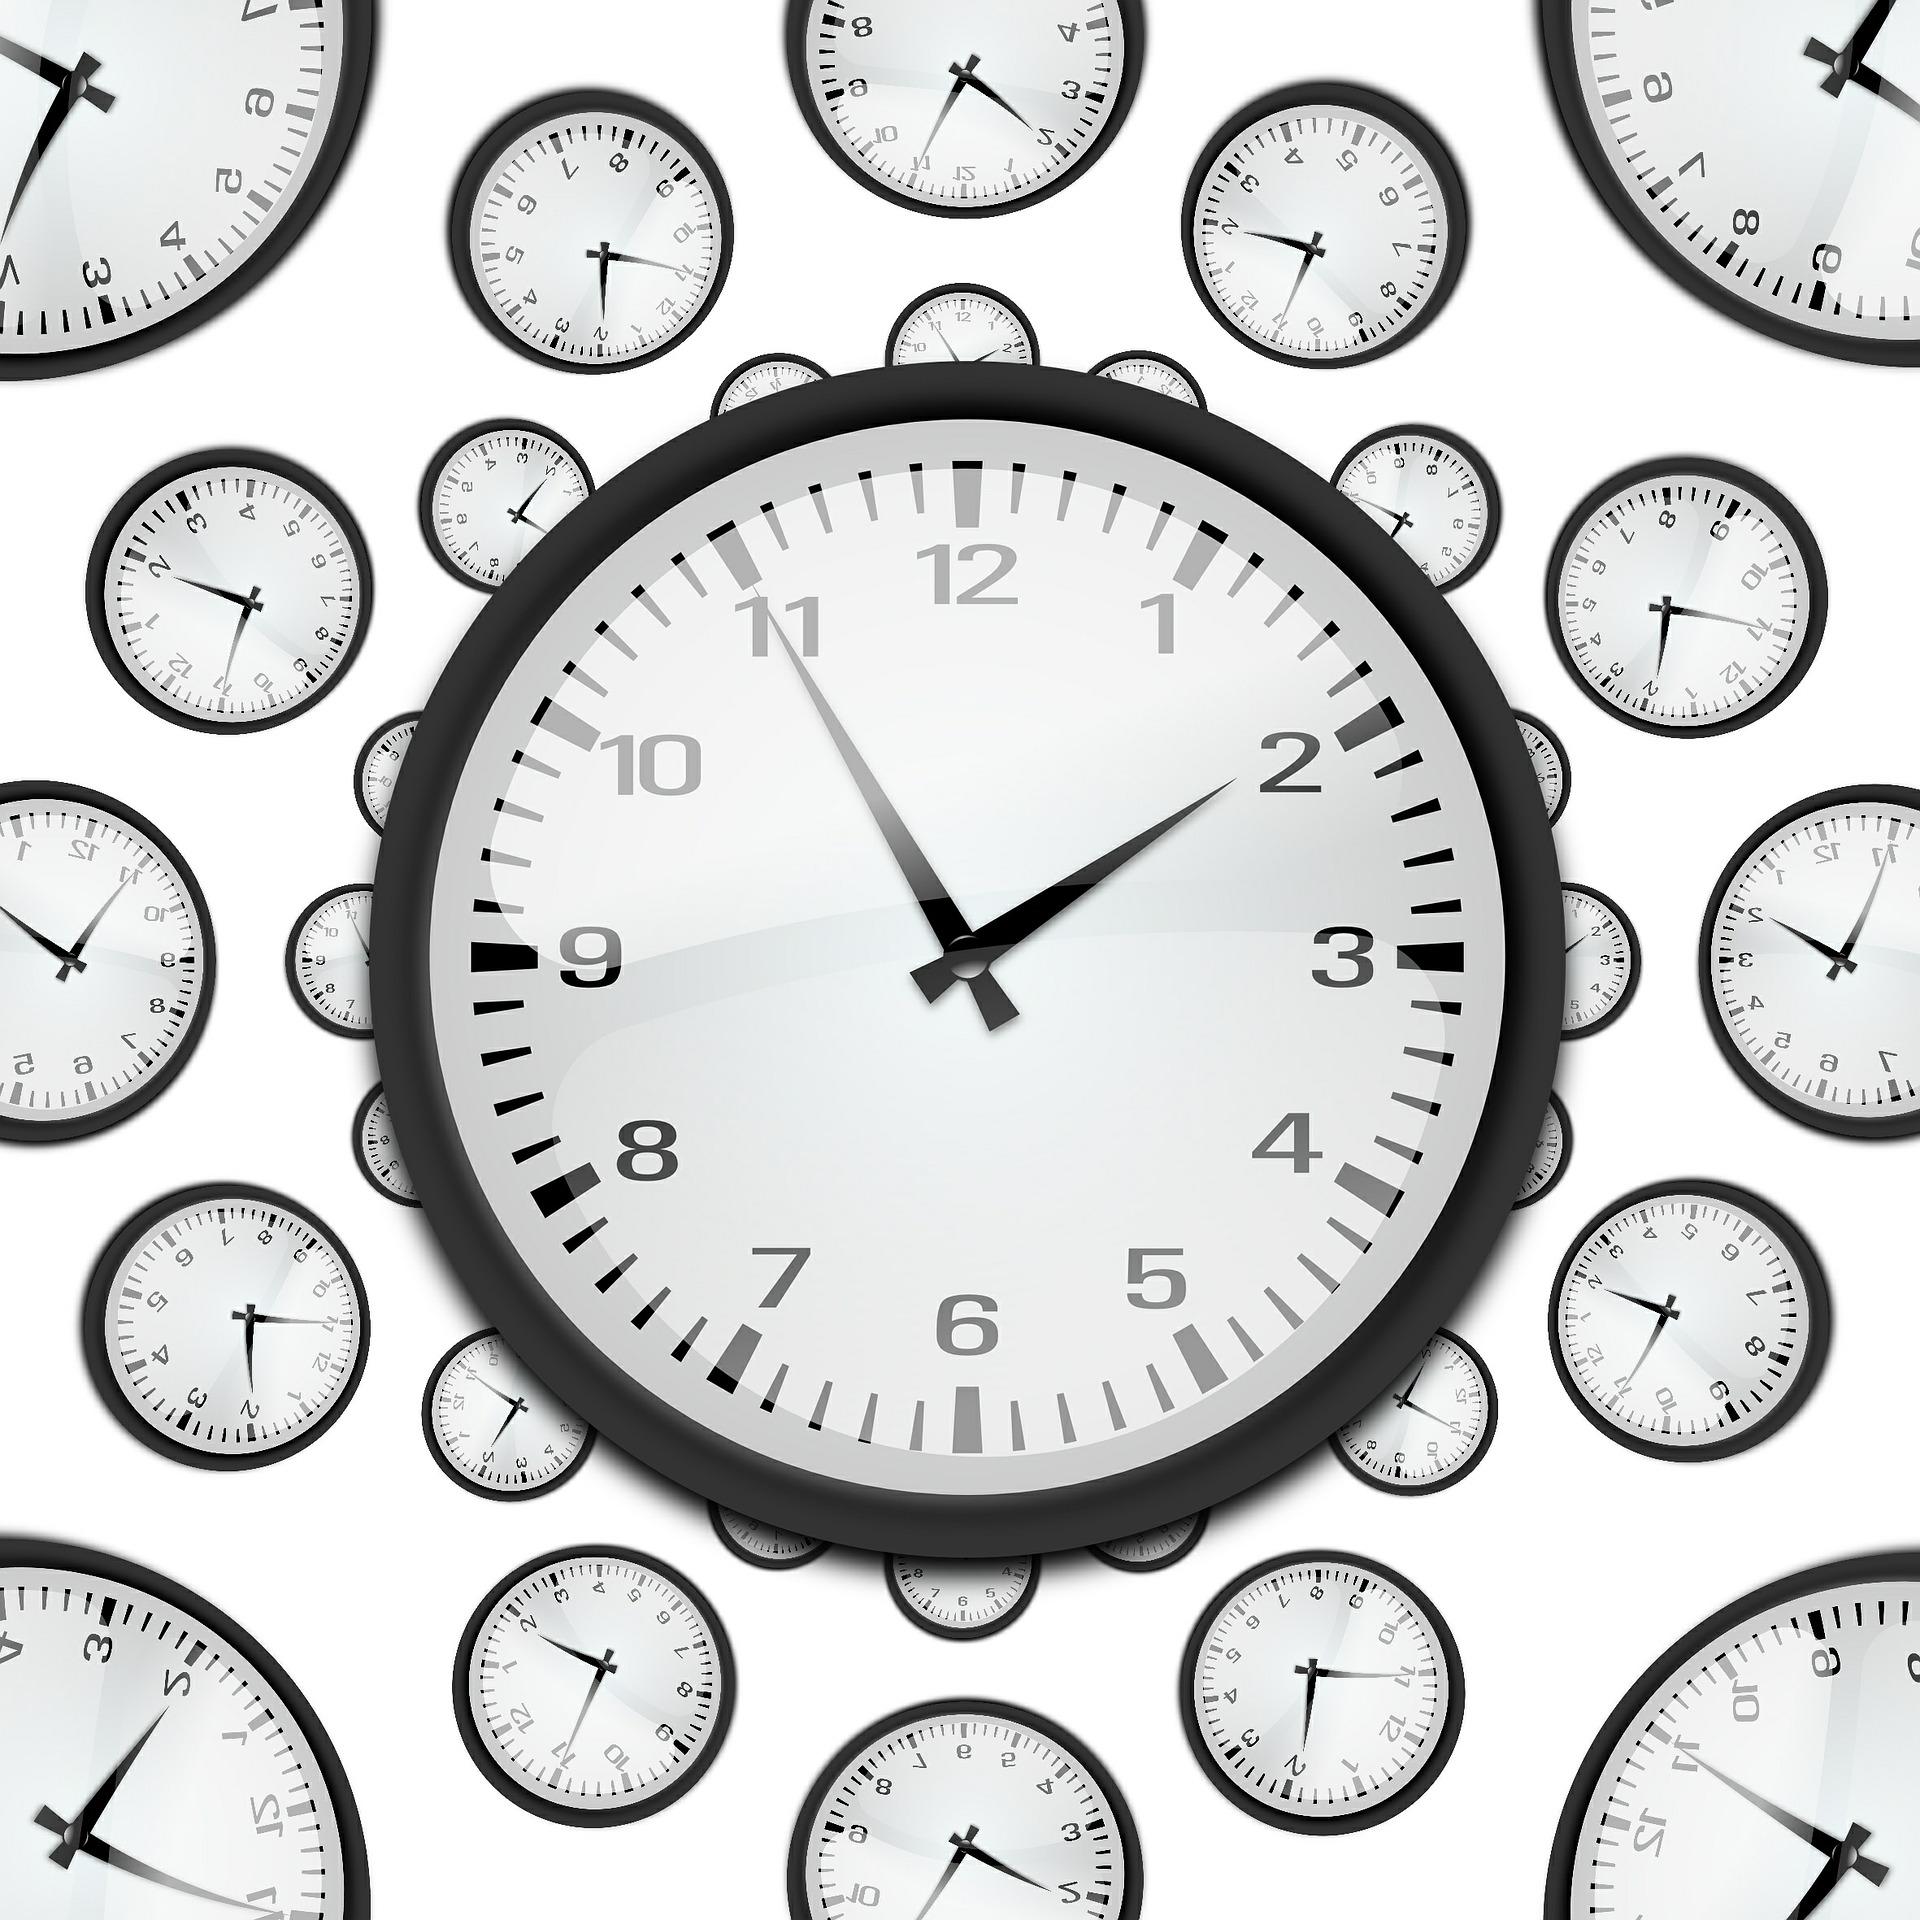 Las empresas están obligadas a controlar desde el domingo el registro de jornada